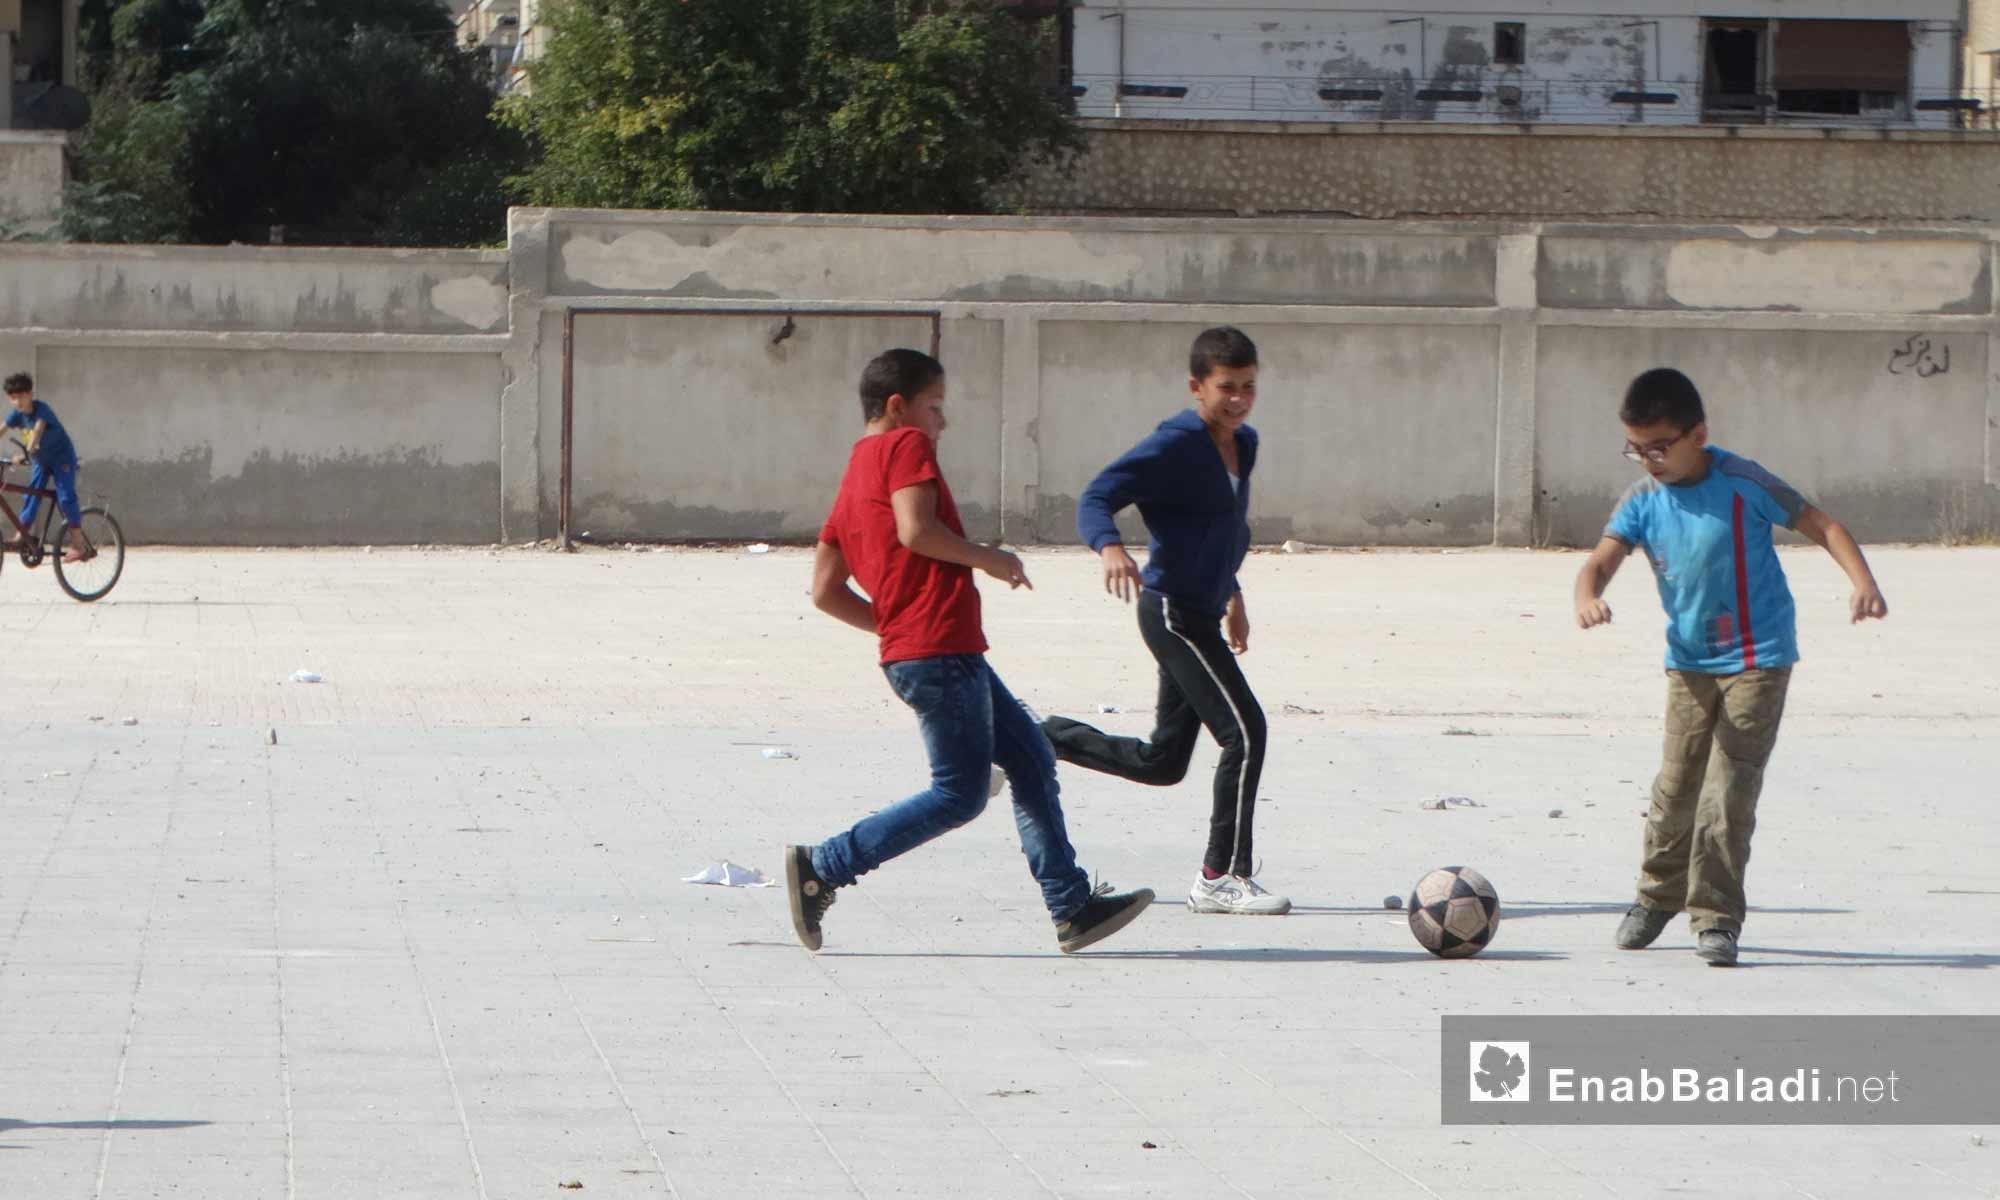 أطفال يلعبون في حي الوعر بحمص - 11 تشرين الأول 2016 (عنب بلدي)